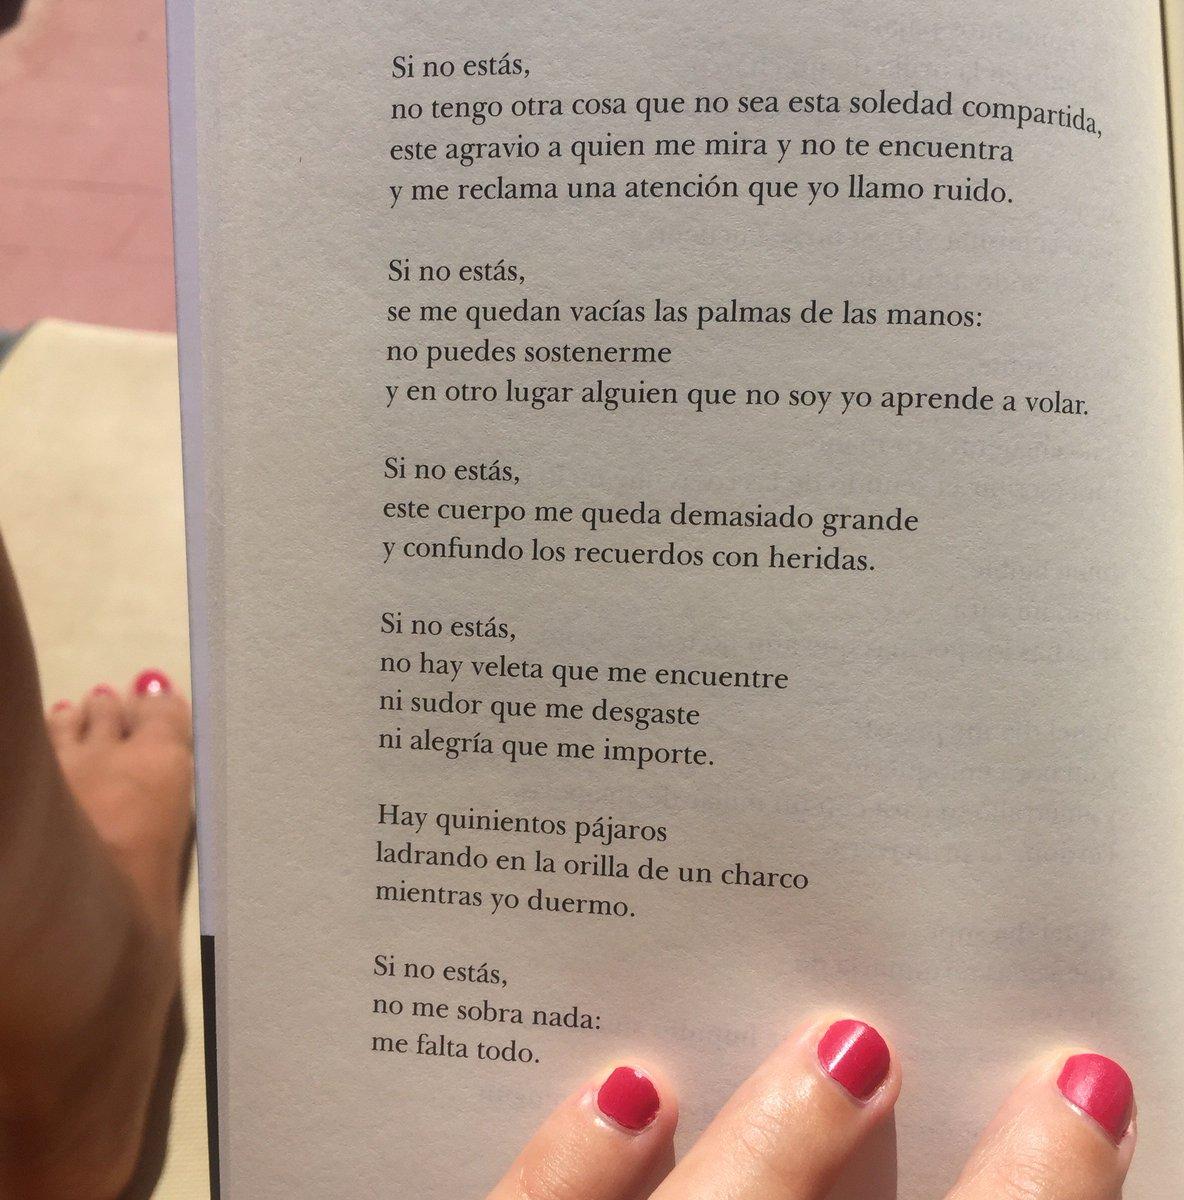 """'Si no estás, no me sobra nada: me falta todo"""" #Poesía de @elvirasastre #yanadiebaila cc @valparaisoed :) https://t.co/rRTEmROPUR"""